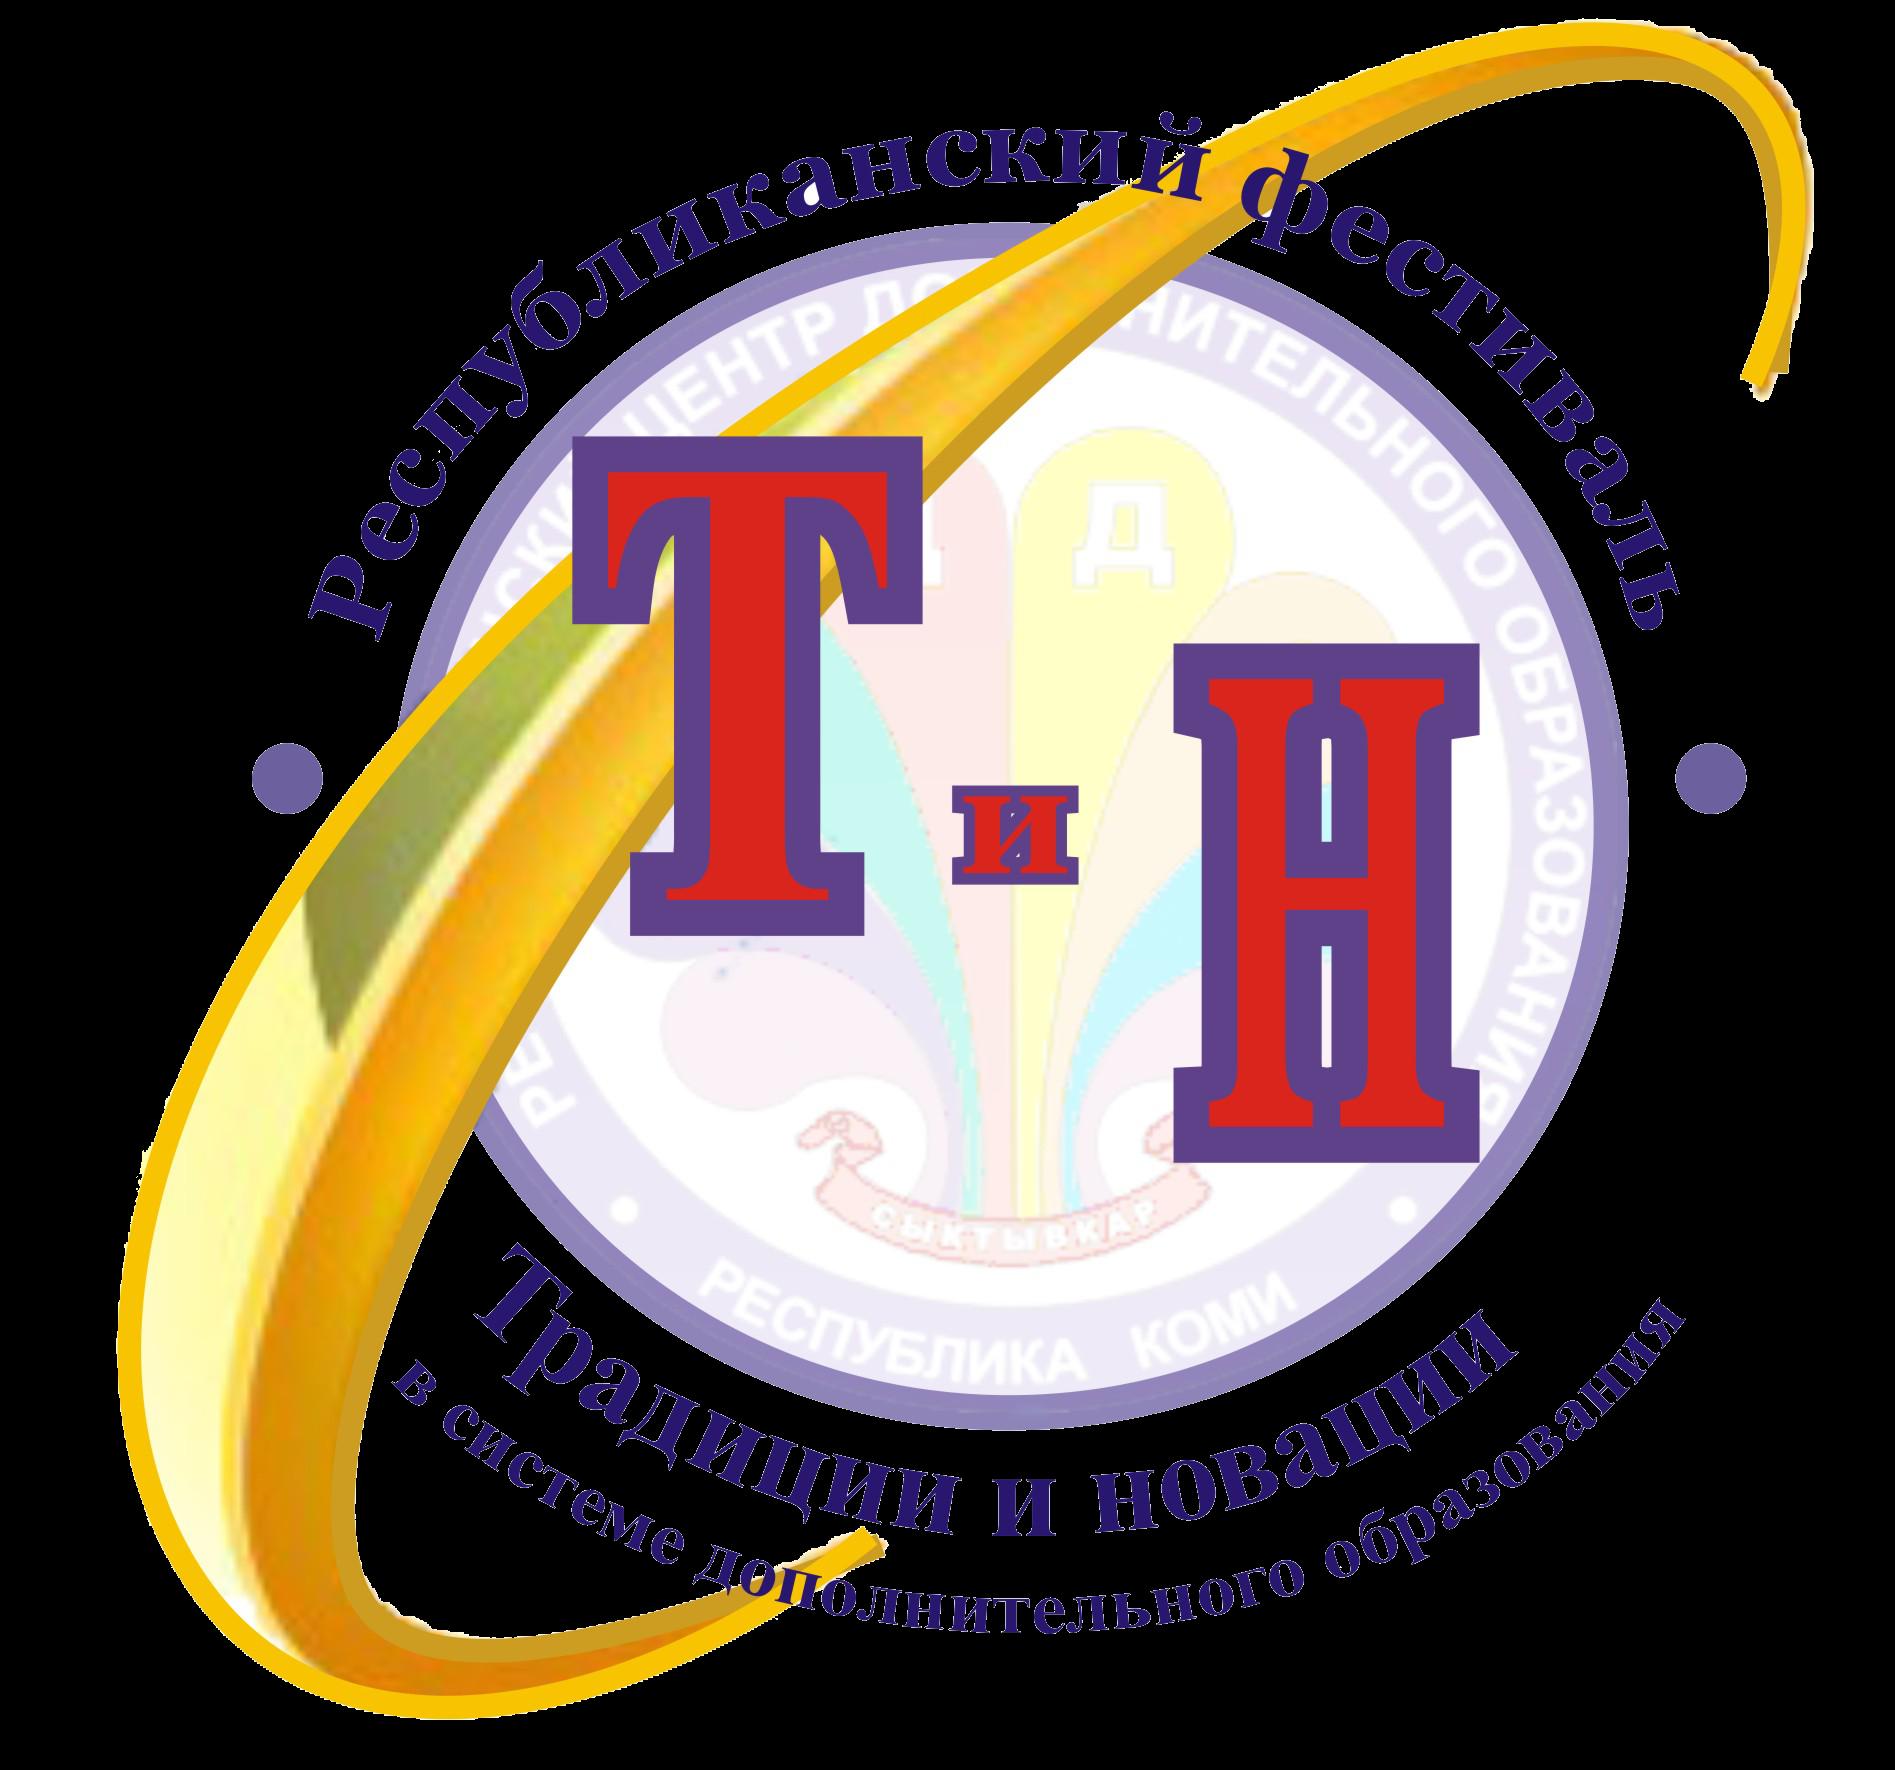 Эмблема Фестиваль Традиции и новации 201